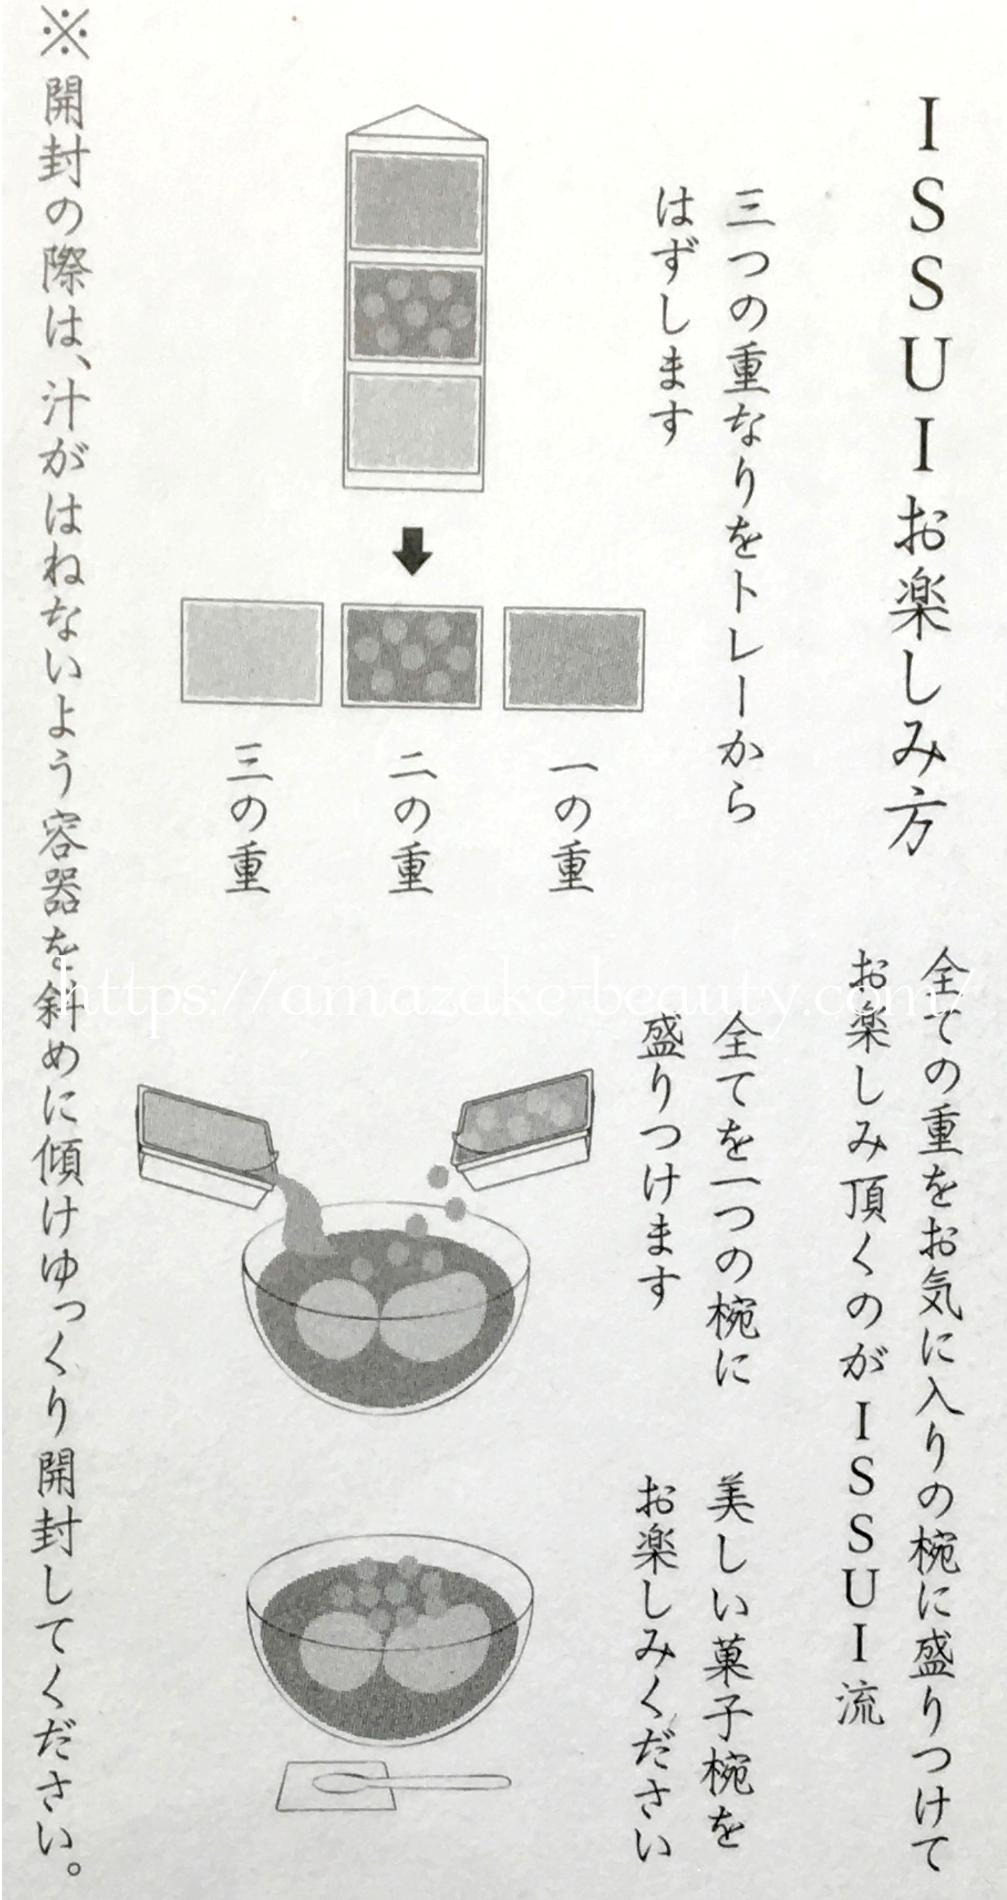 [amazake sweets]issui[amazake purin fuwafuwa mochi zoe](description)